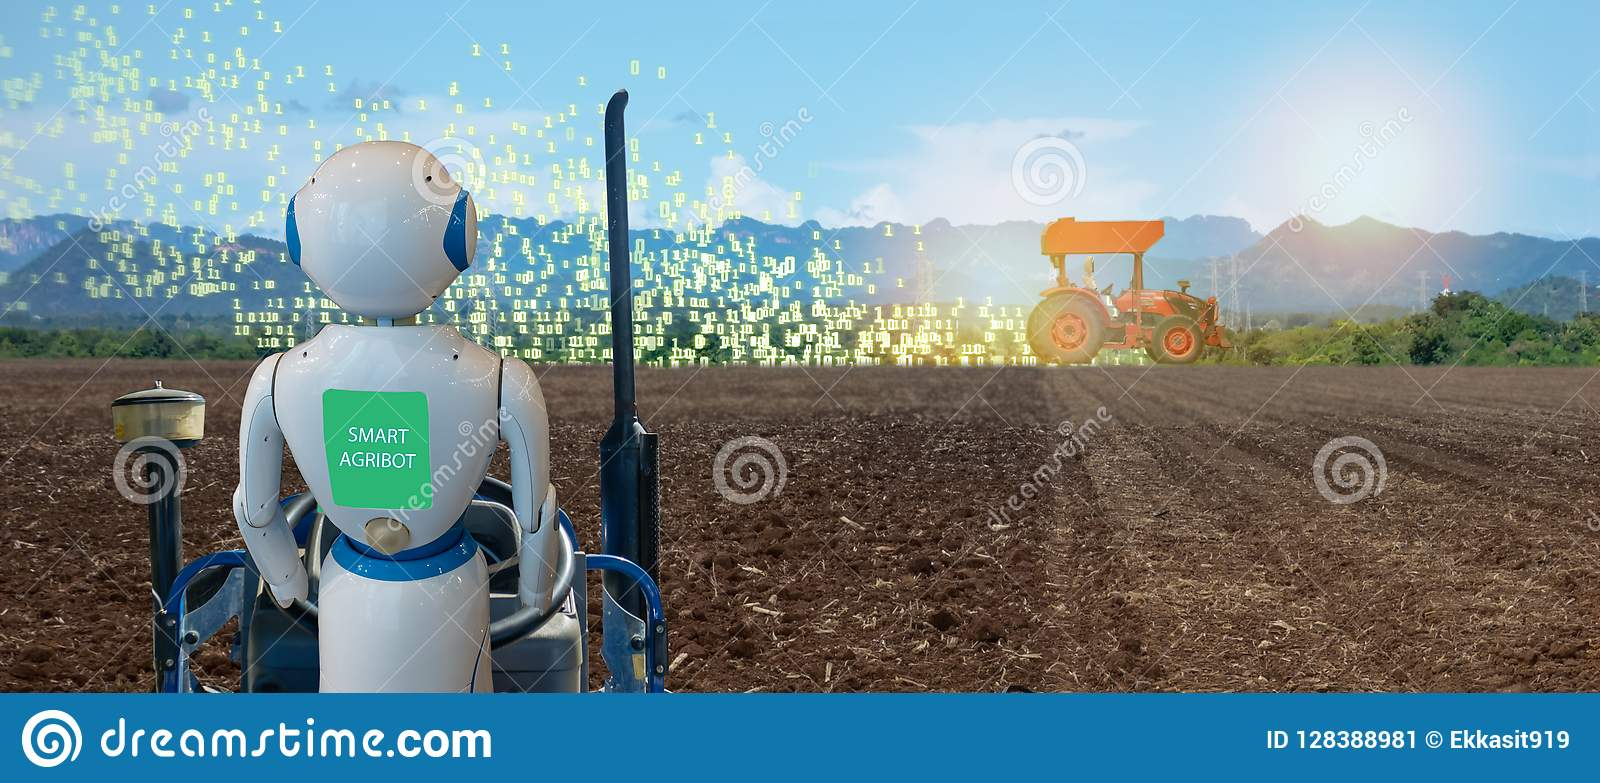 Iot de slimme landbouw, landbouw in de industrie 4 technologie 0 met kunstmatige intelligentie en machine het leren concept het h